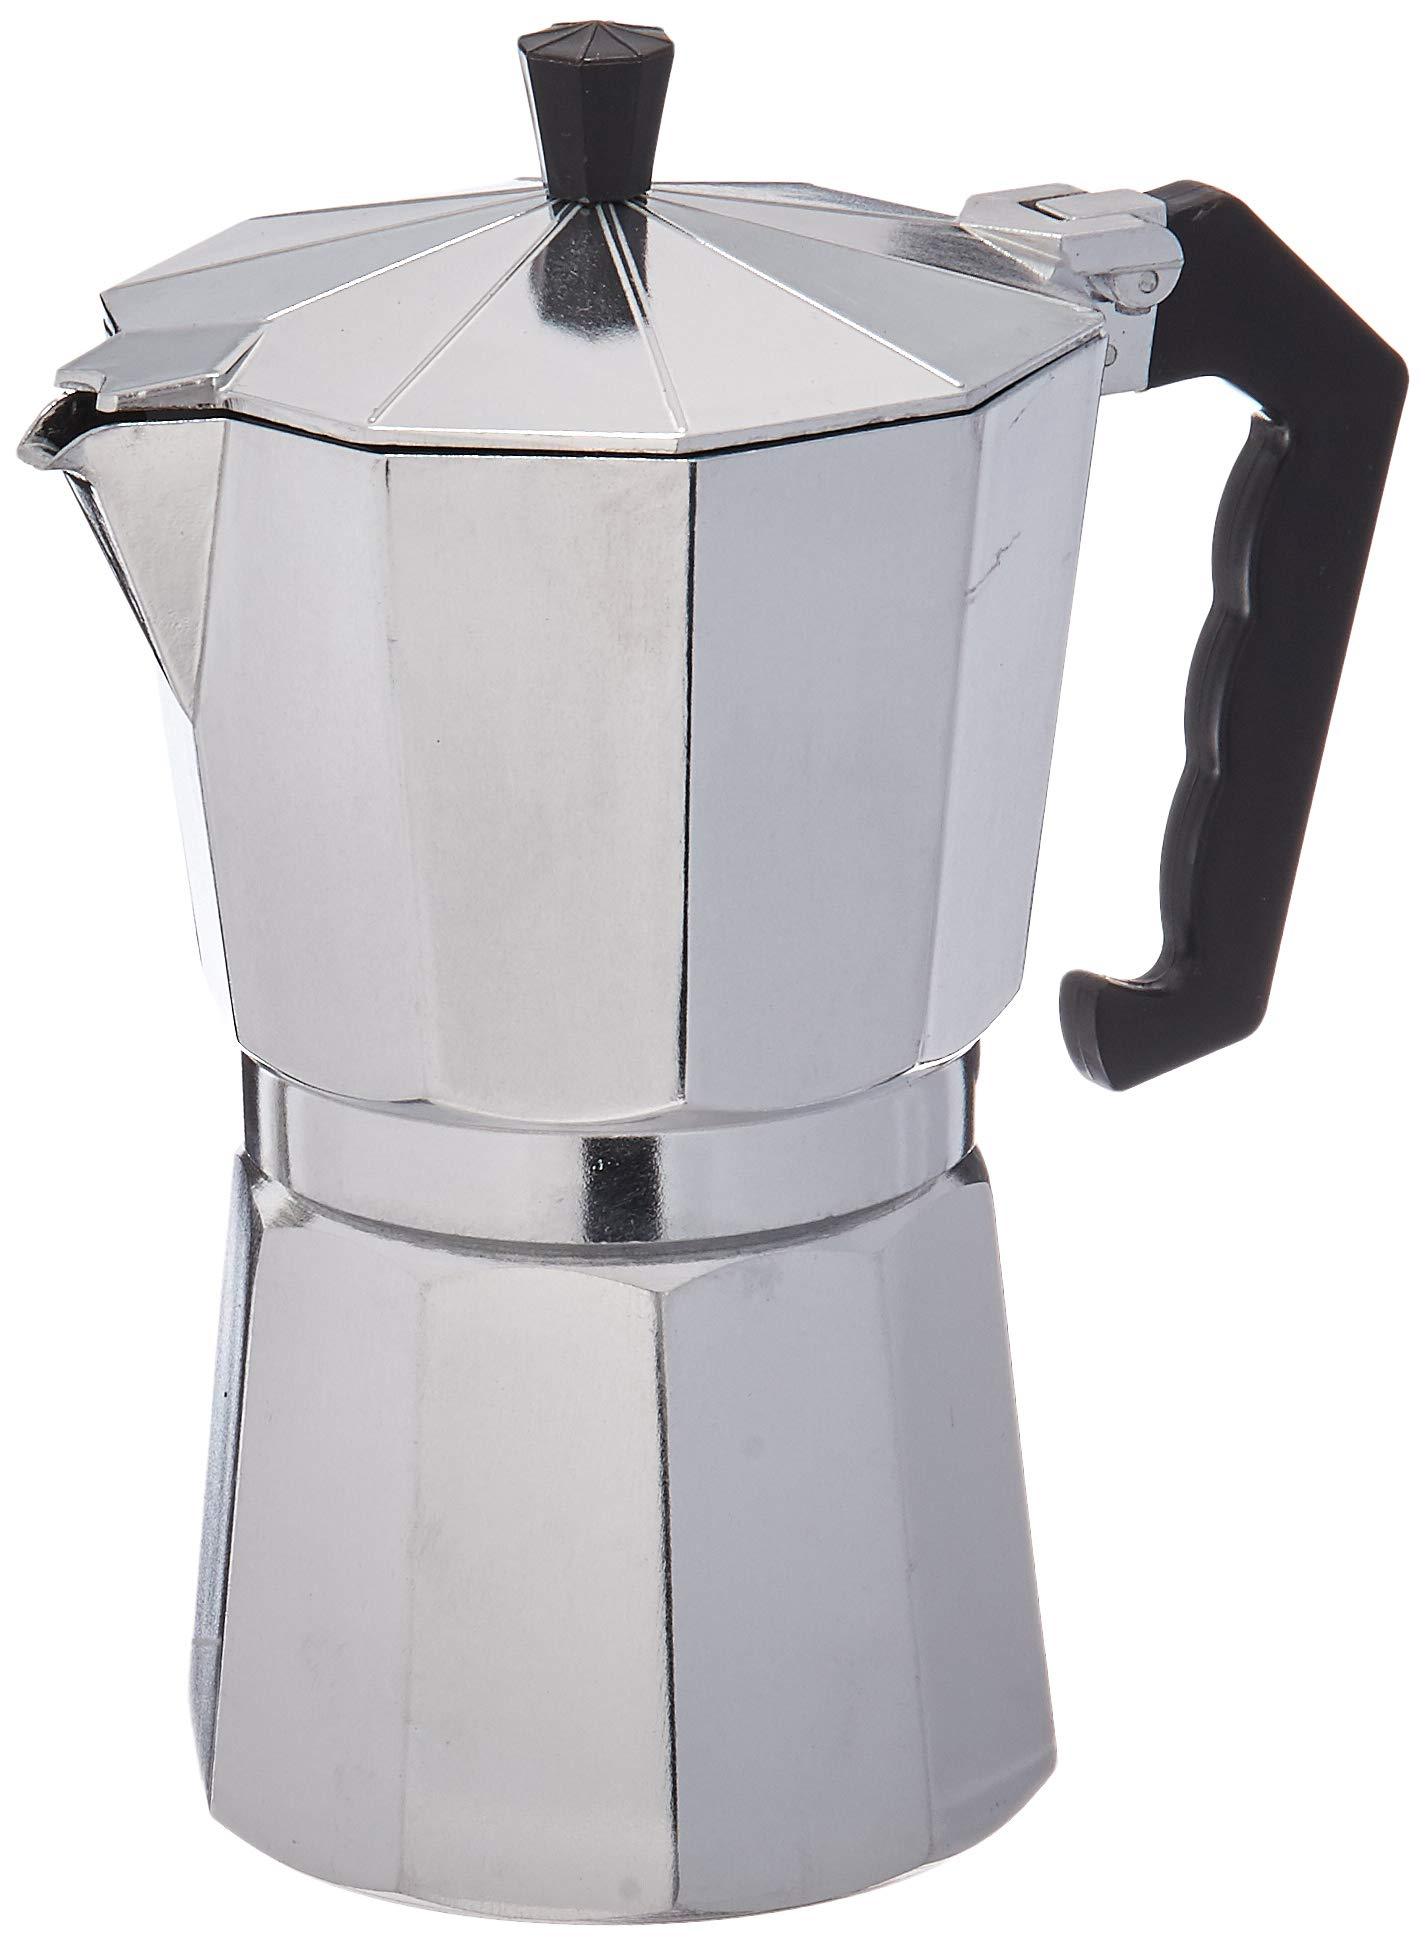 Euro-Home SS-DK-KG49 Gorgeous 9 Cup Espresso Maker, Multicolor